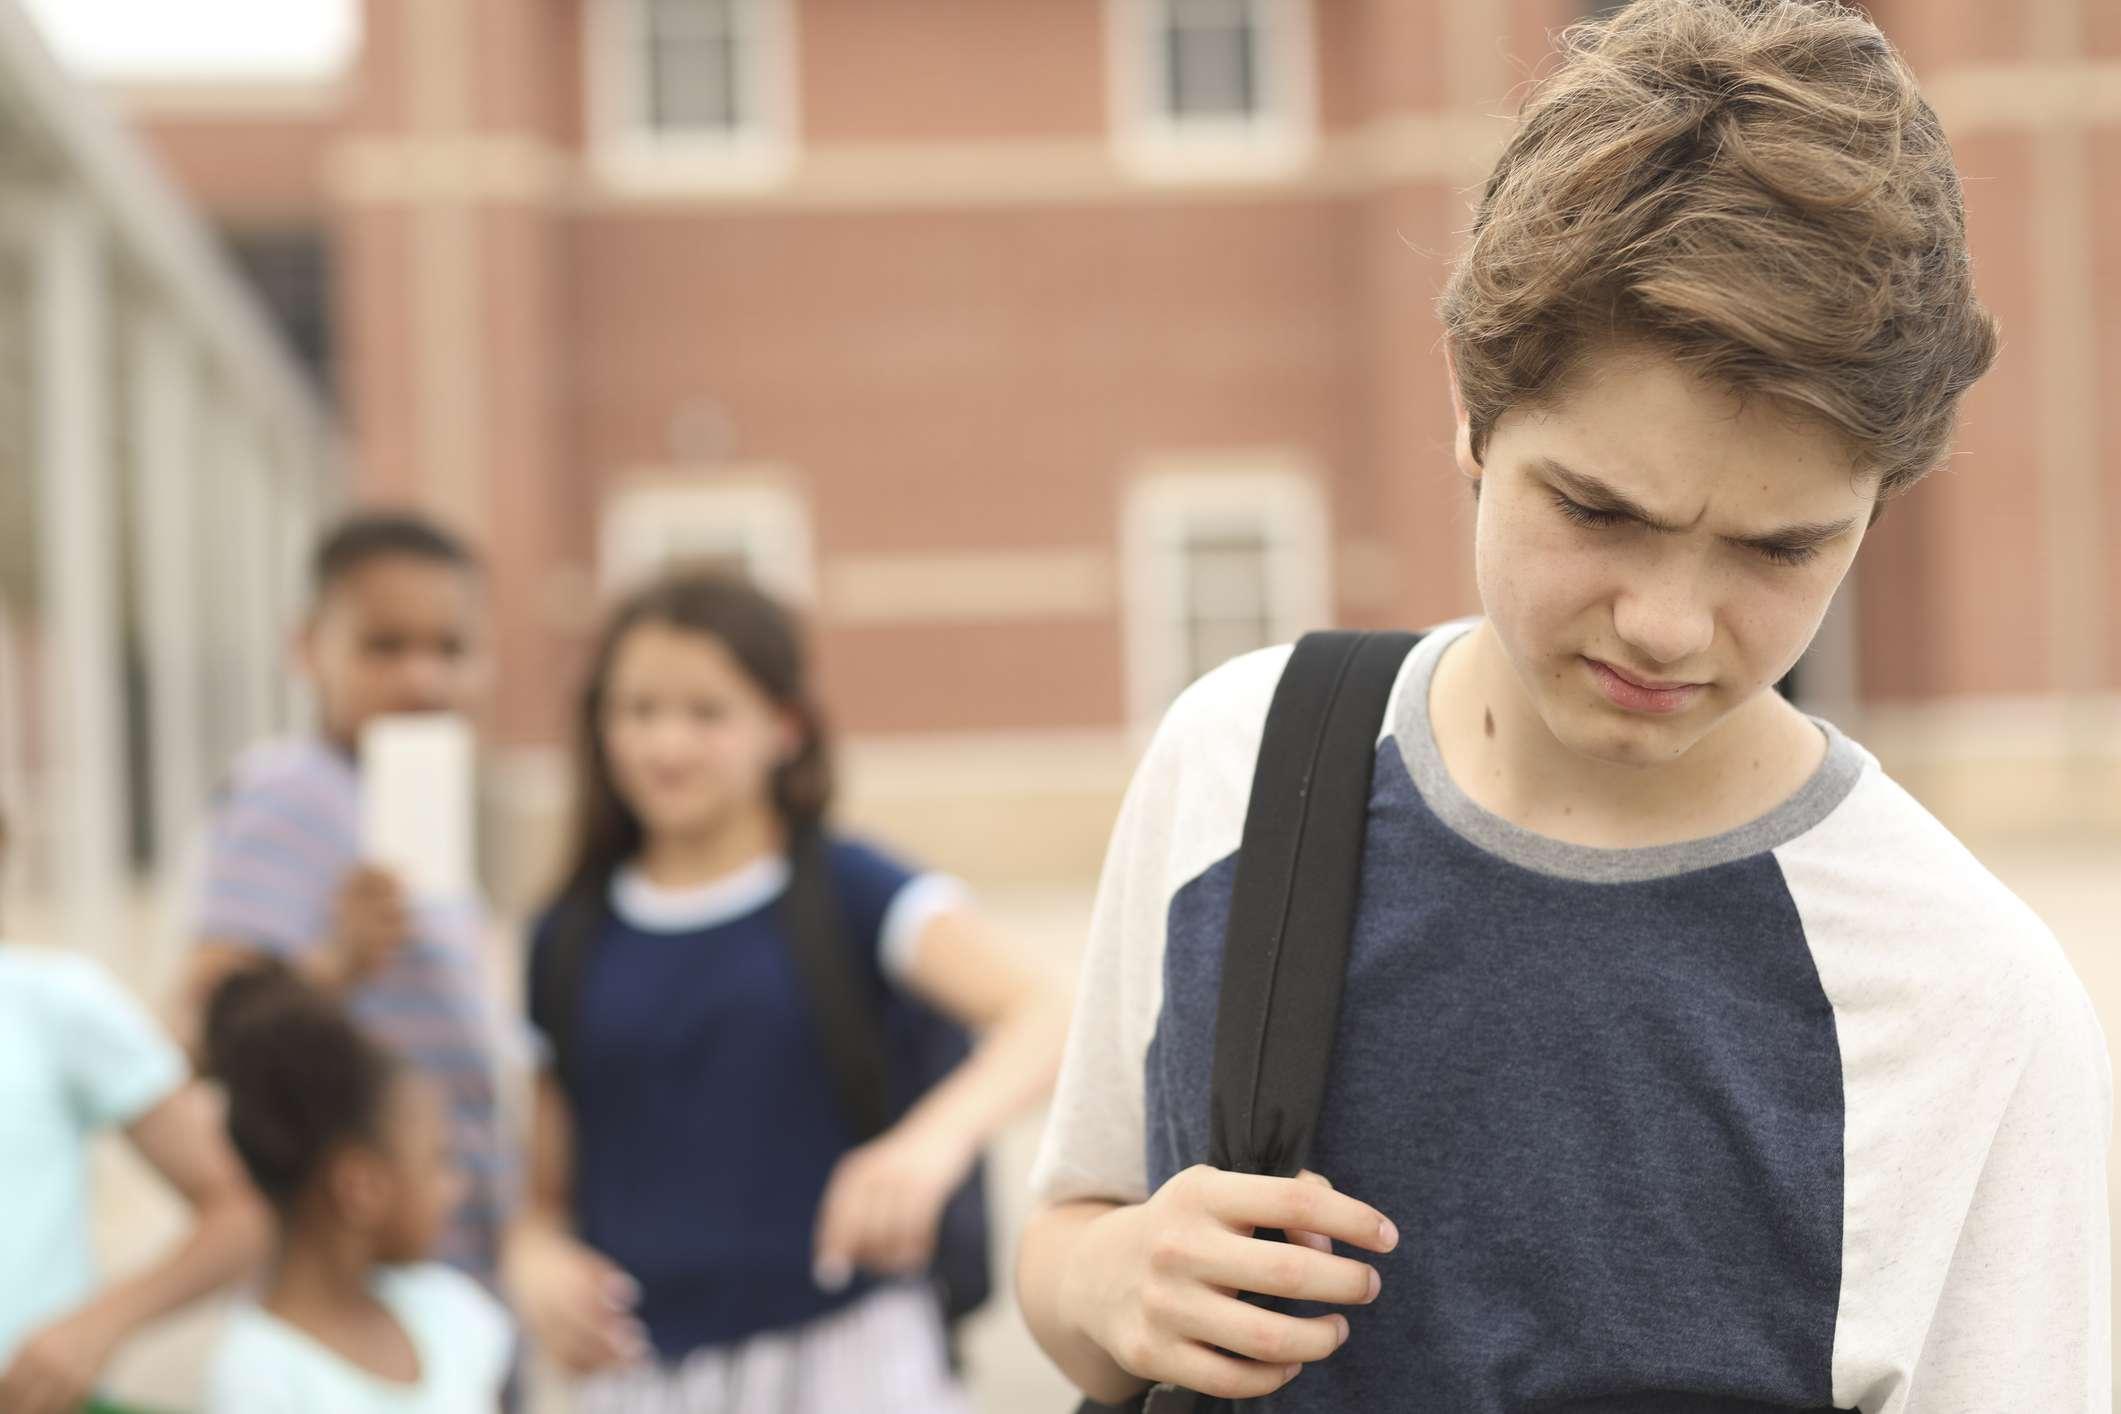 Teen boy walking away from kids